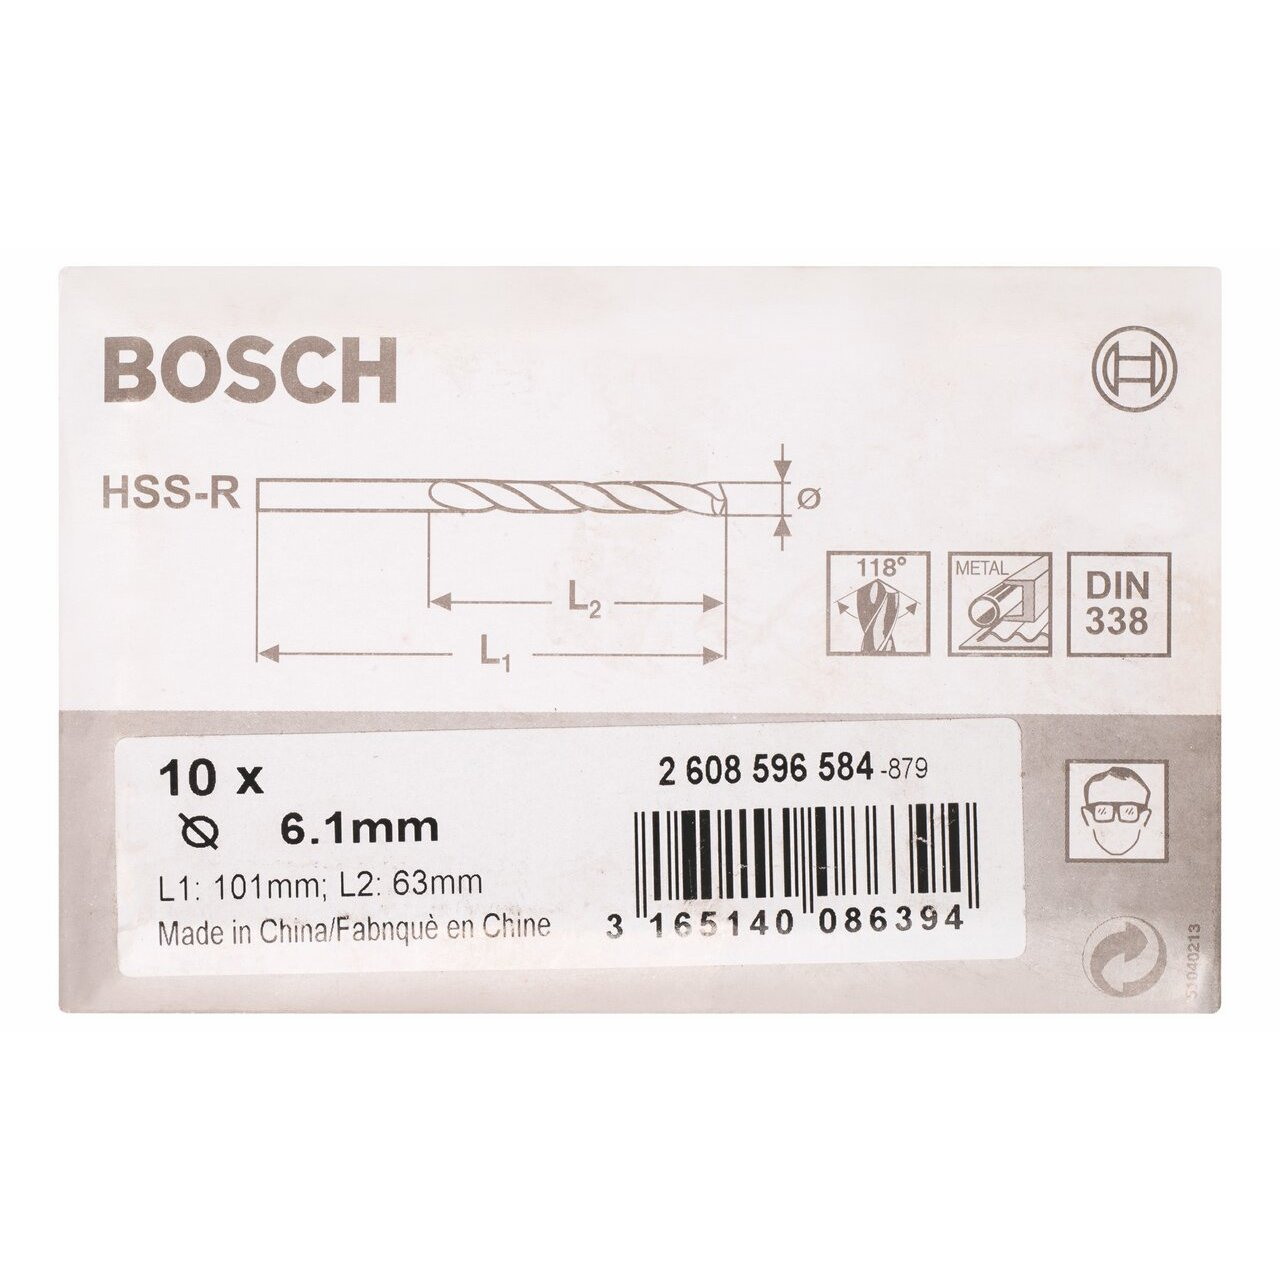 DIN 338 Bosch 2608596571 Metal Drill bits HSS-R